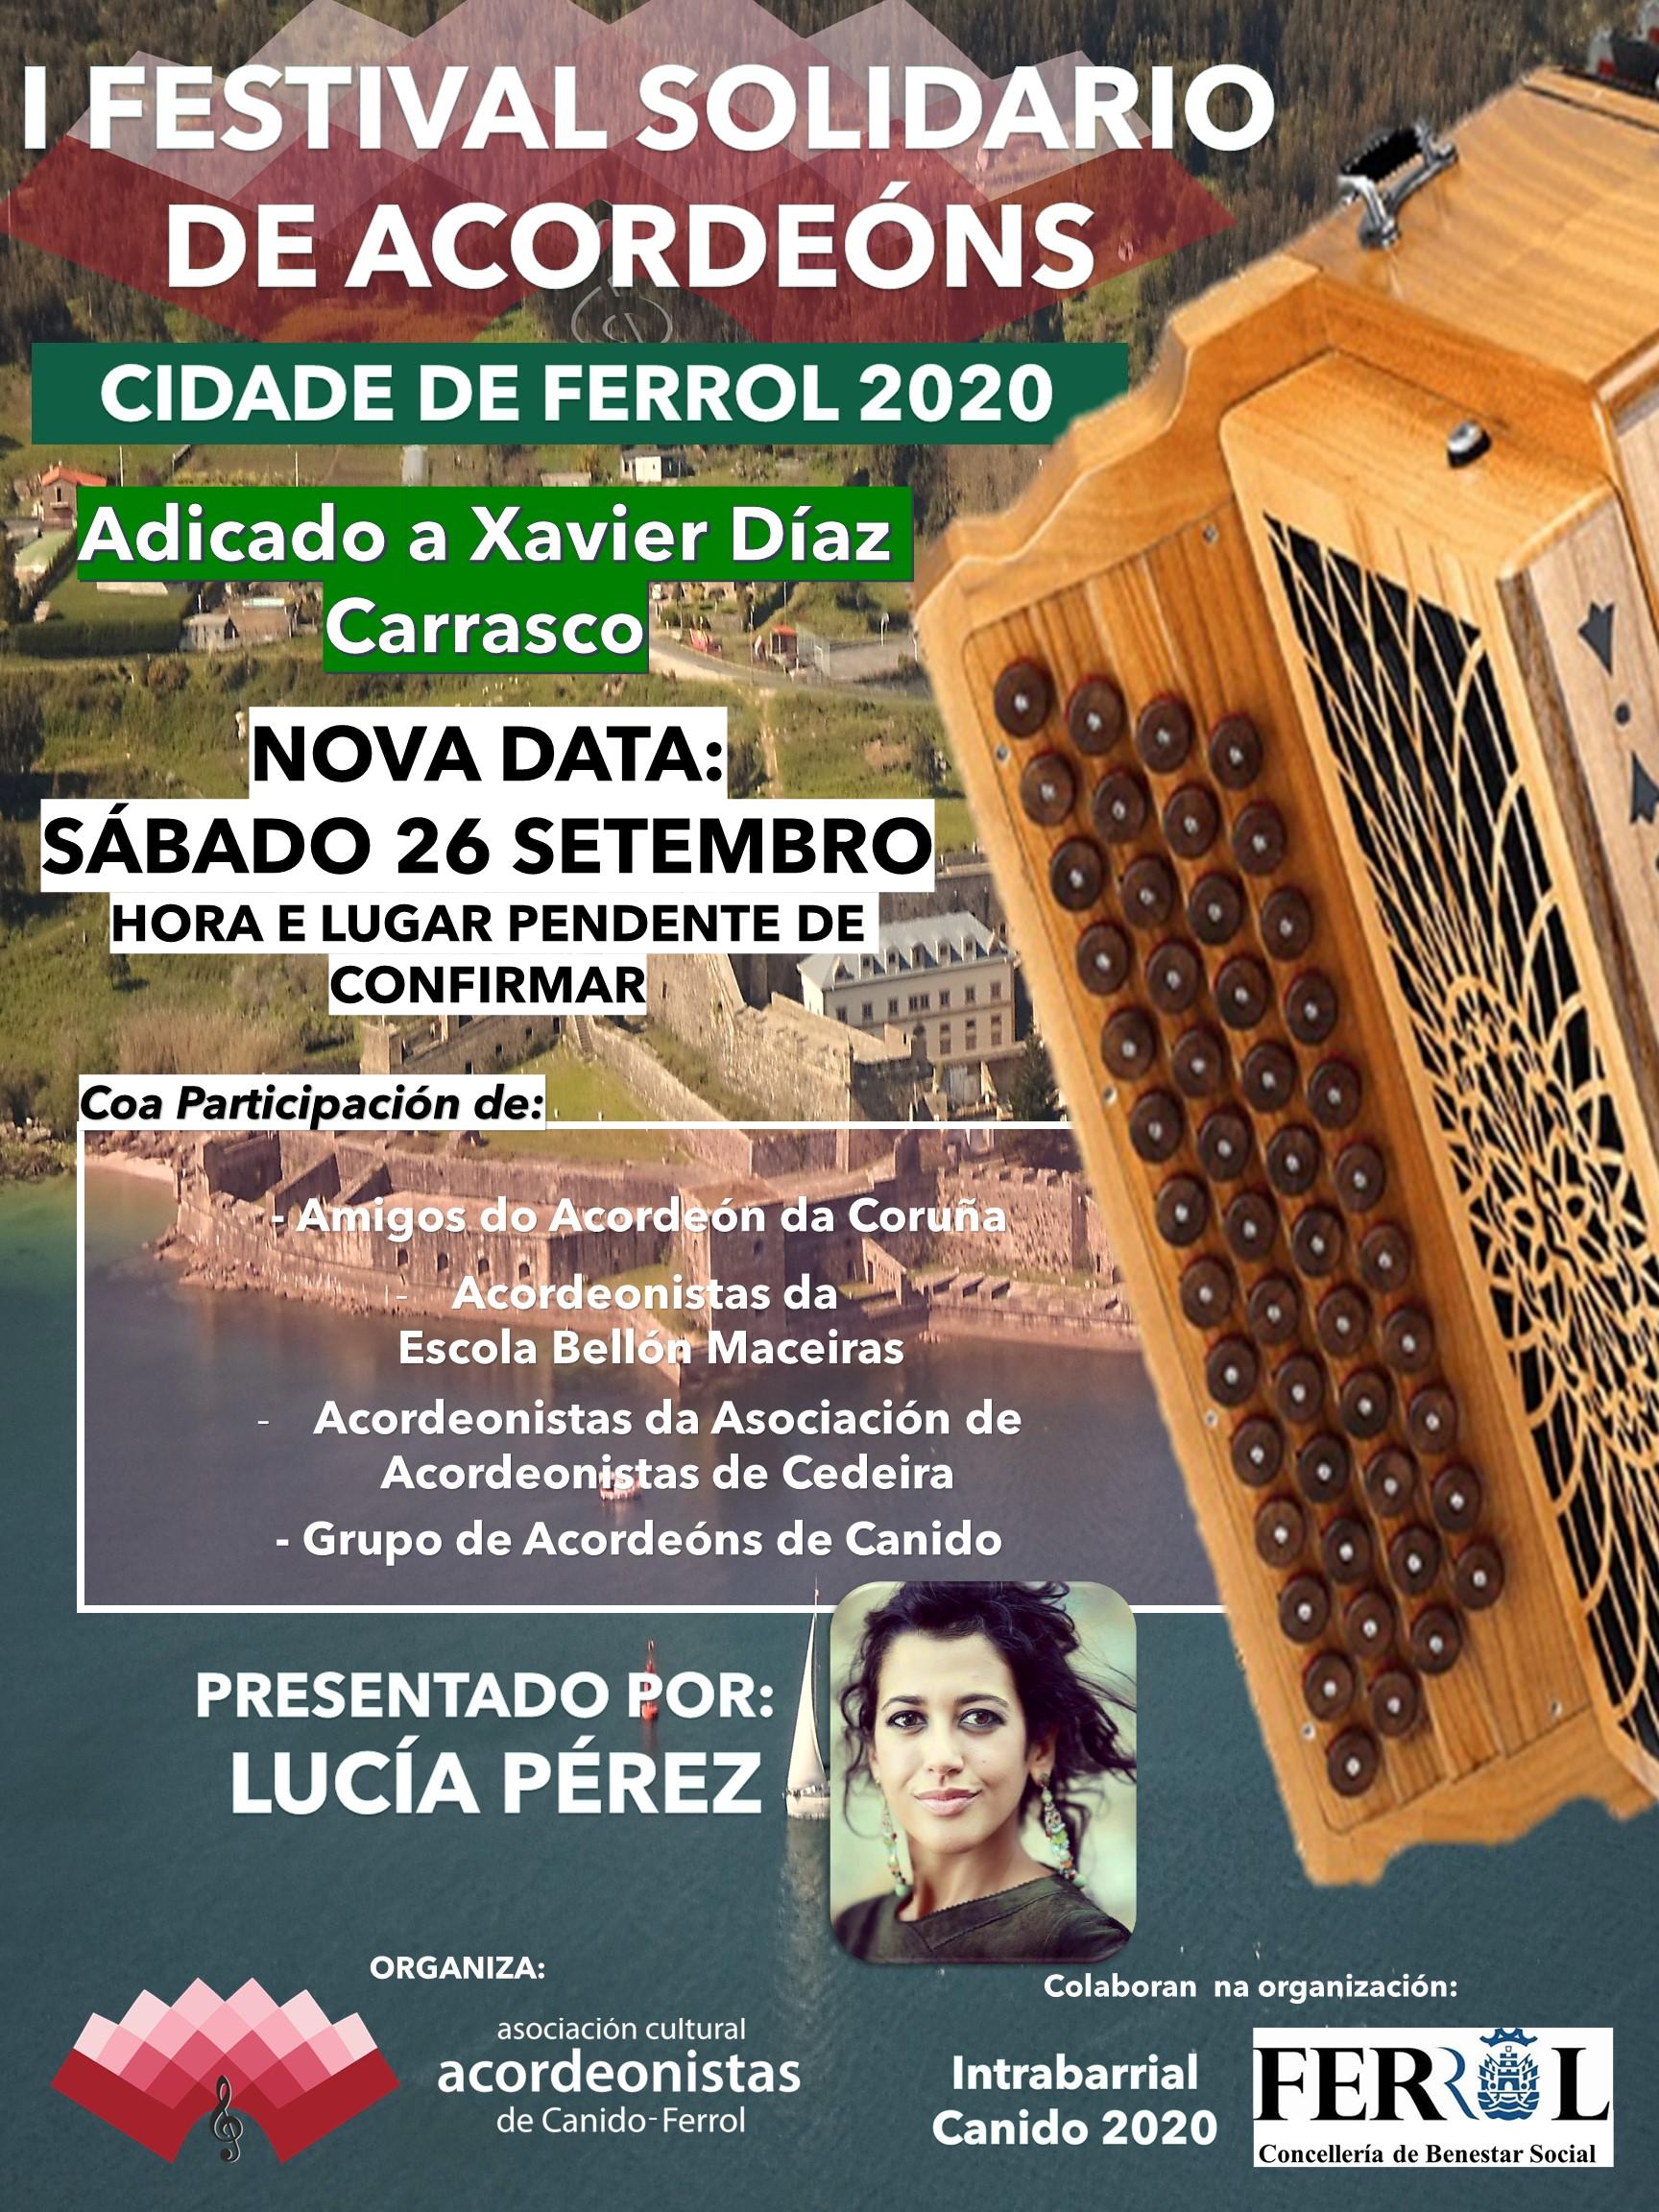 Aprázase o I Festival de Acordeóns Cidade de Ferrol a Setembro, converténdose nun festival solidario.